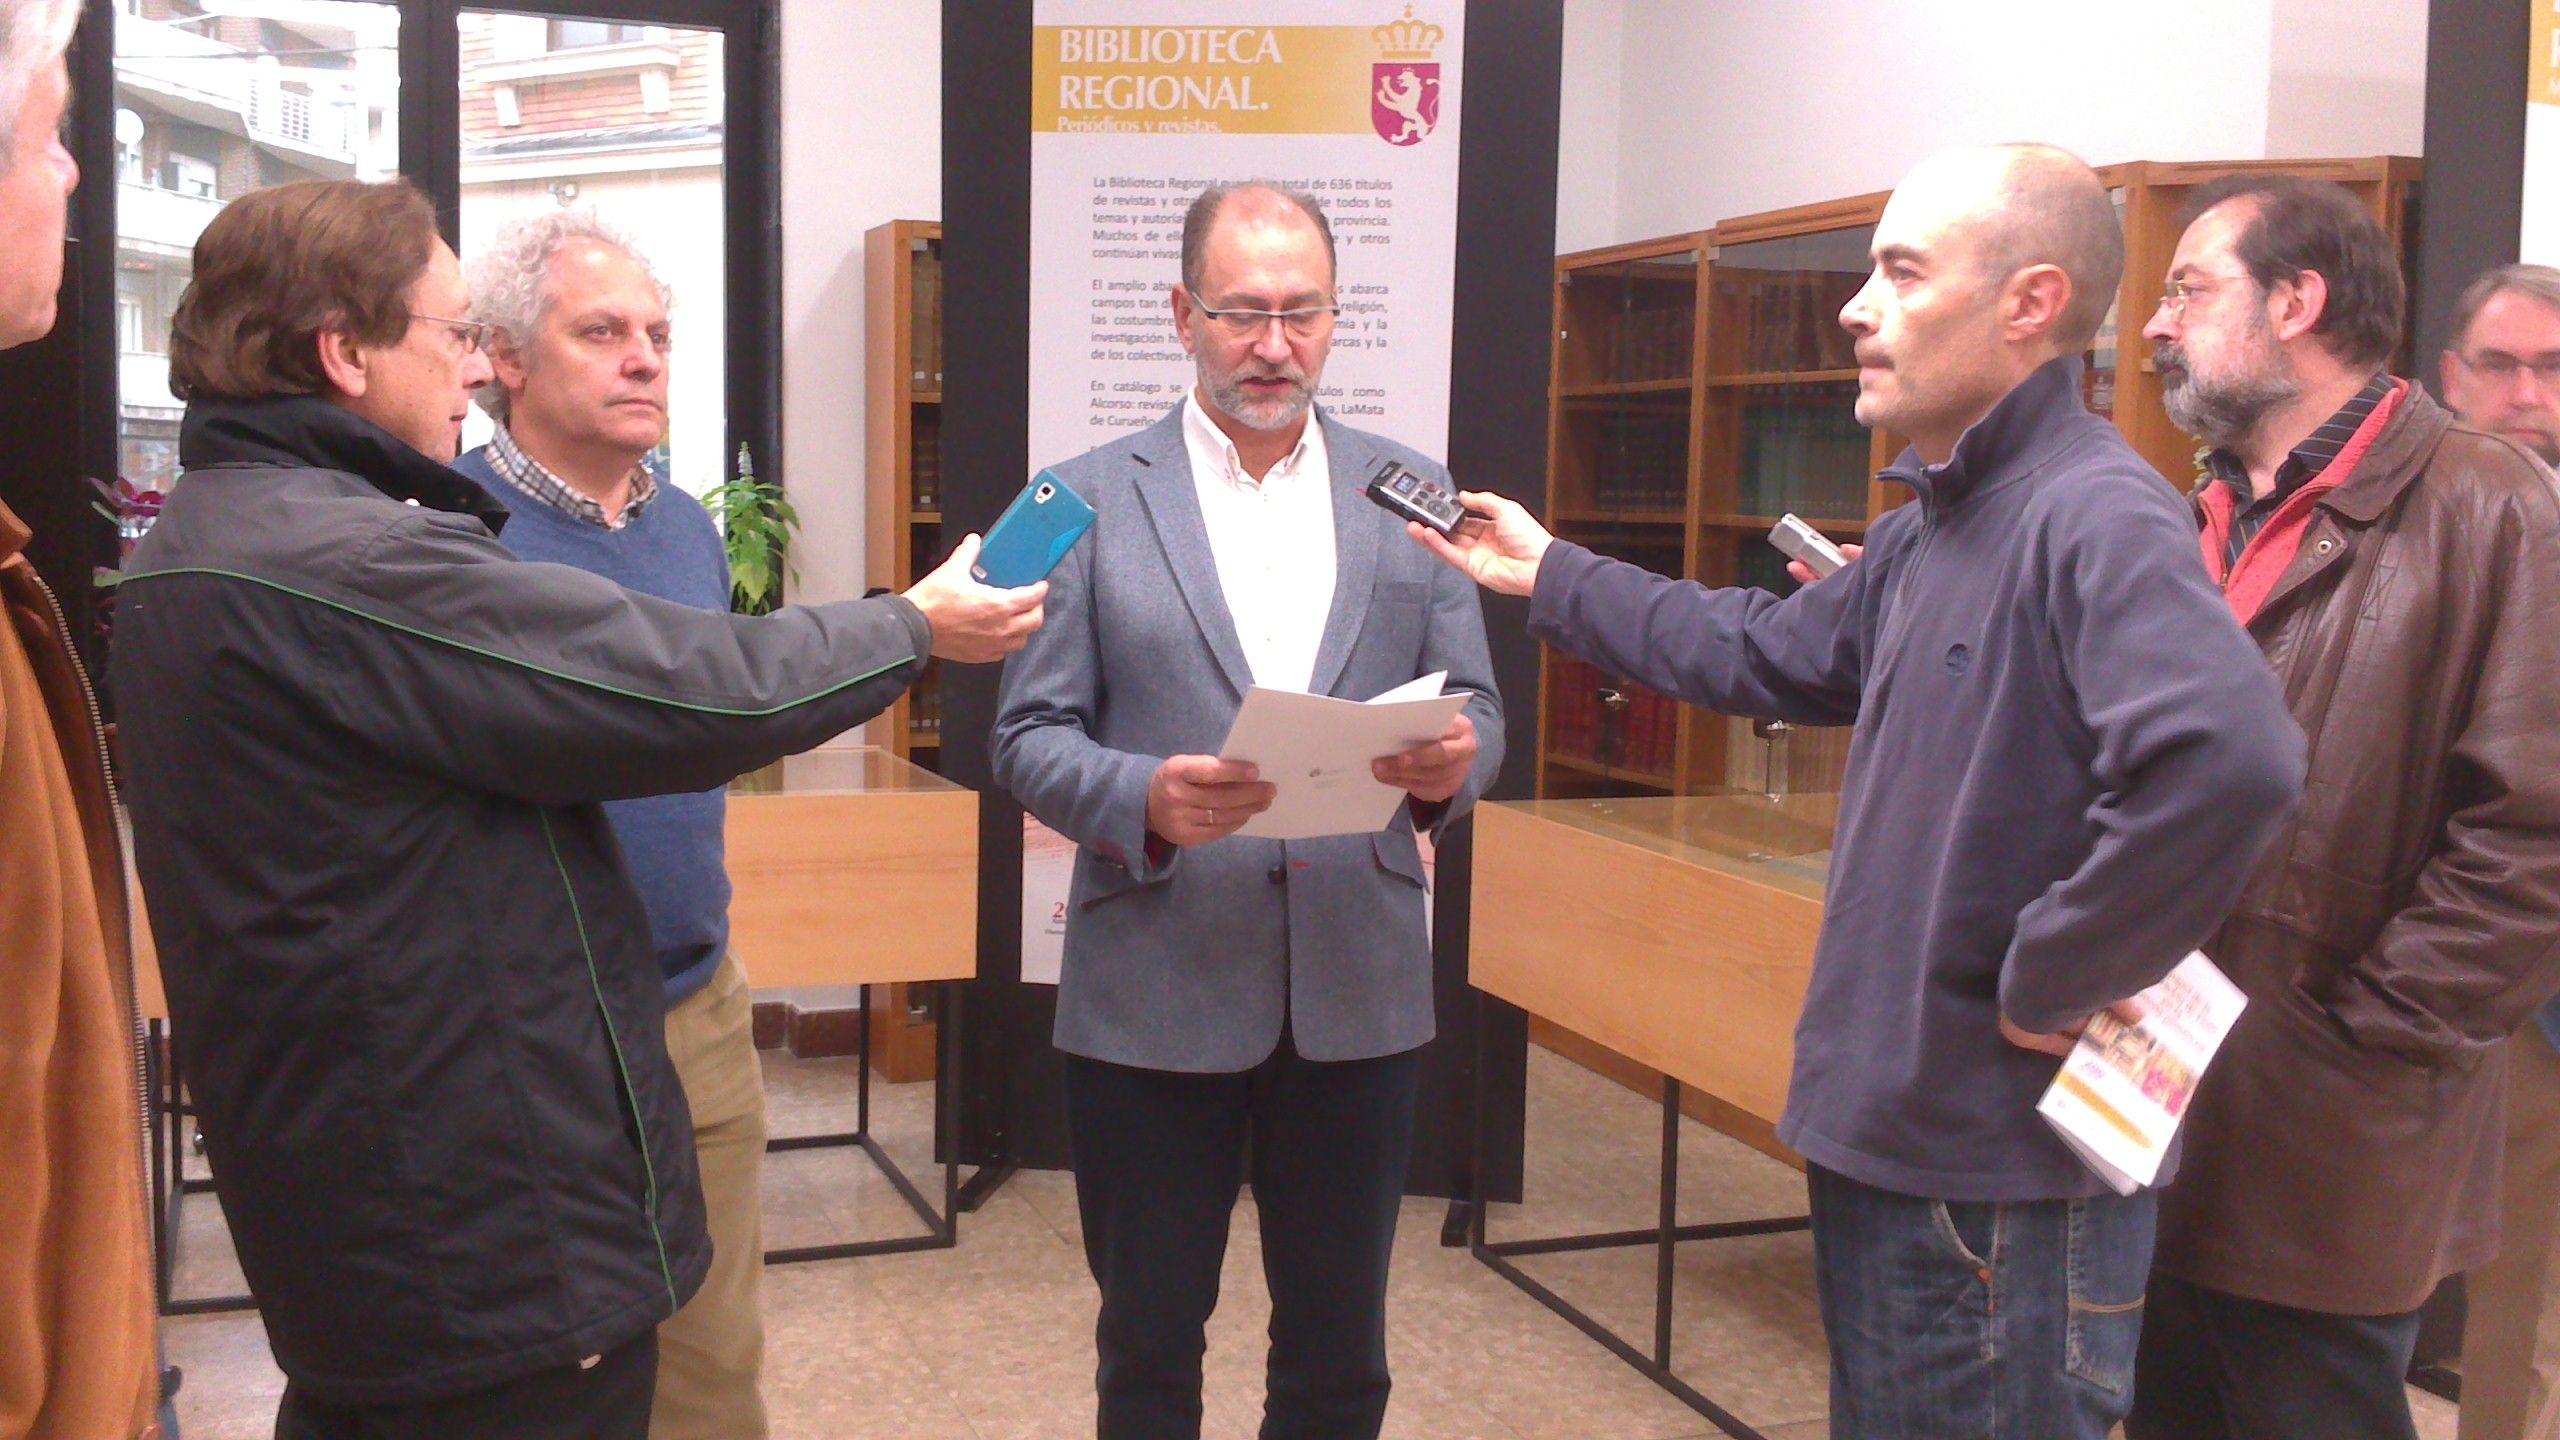 Discurso del Diputado de Cultura, D. Teodoro Martínez Sánchez